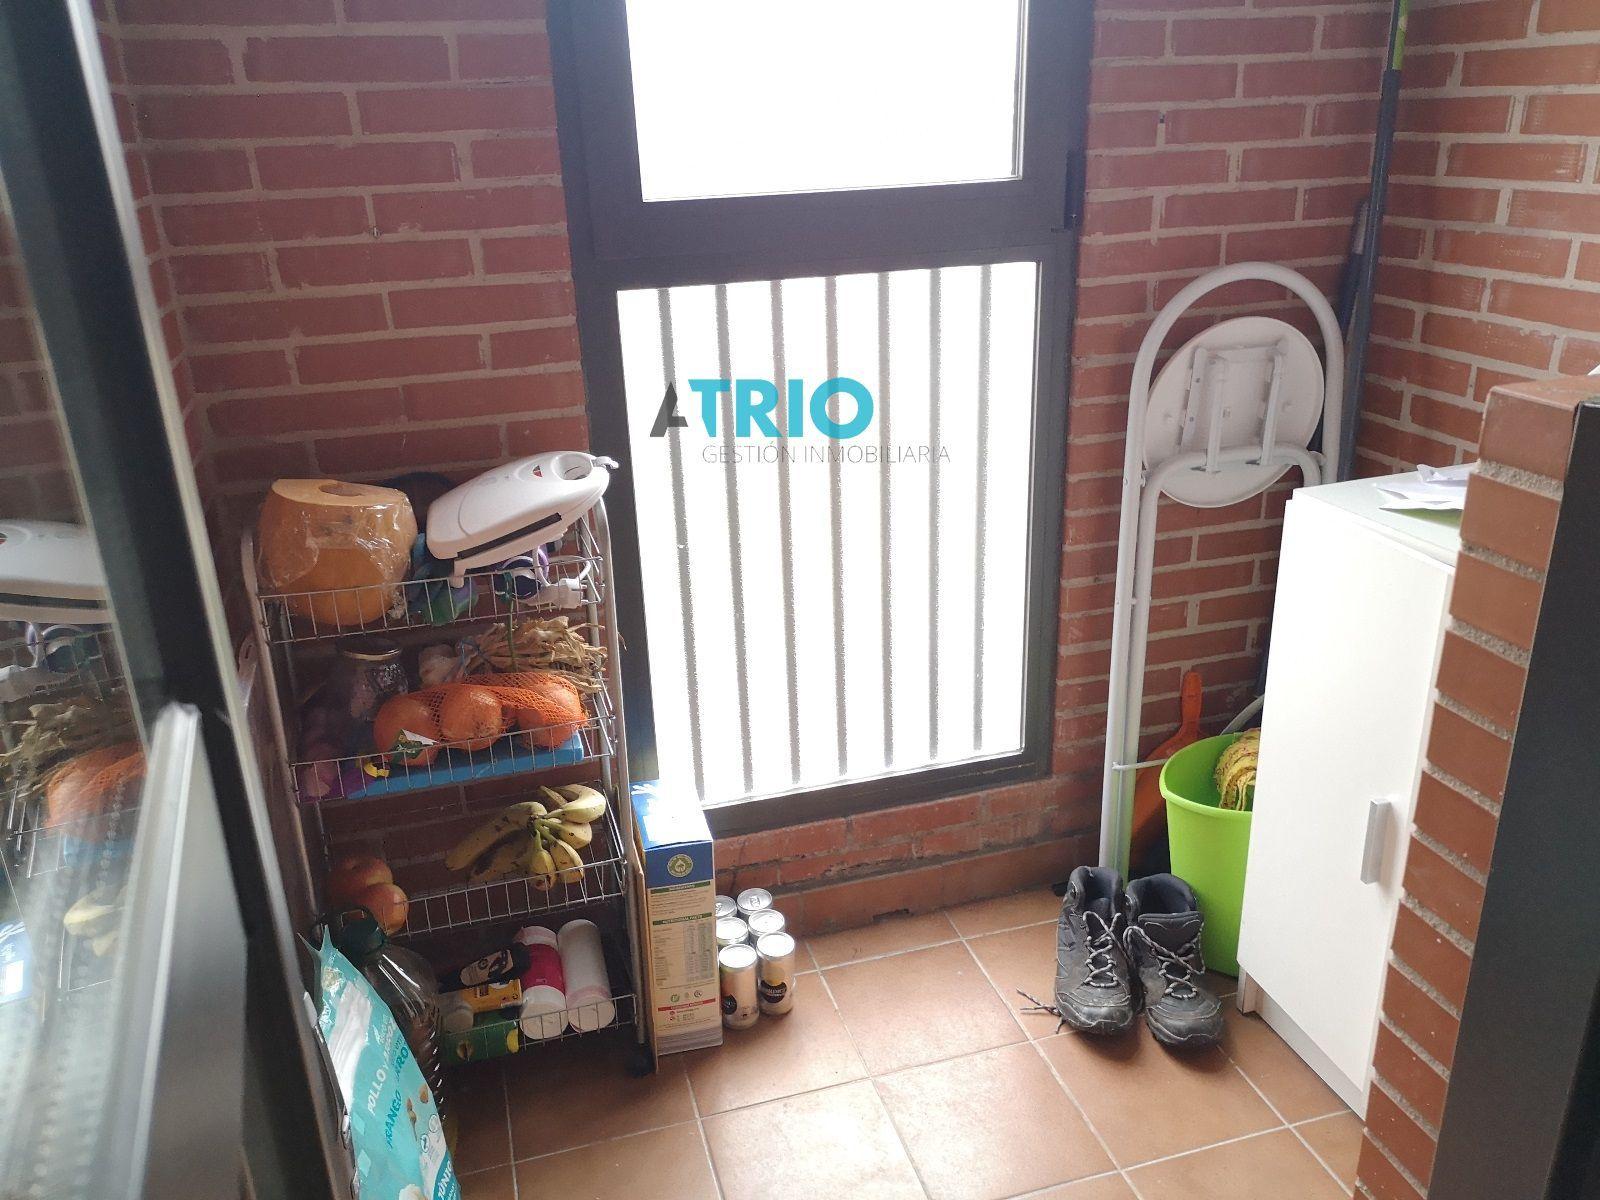 dia.mobiliagestion.es/Portals/inmoatrio/Images/6524/4287249